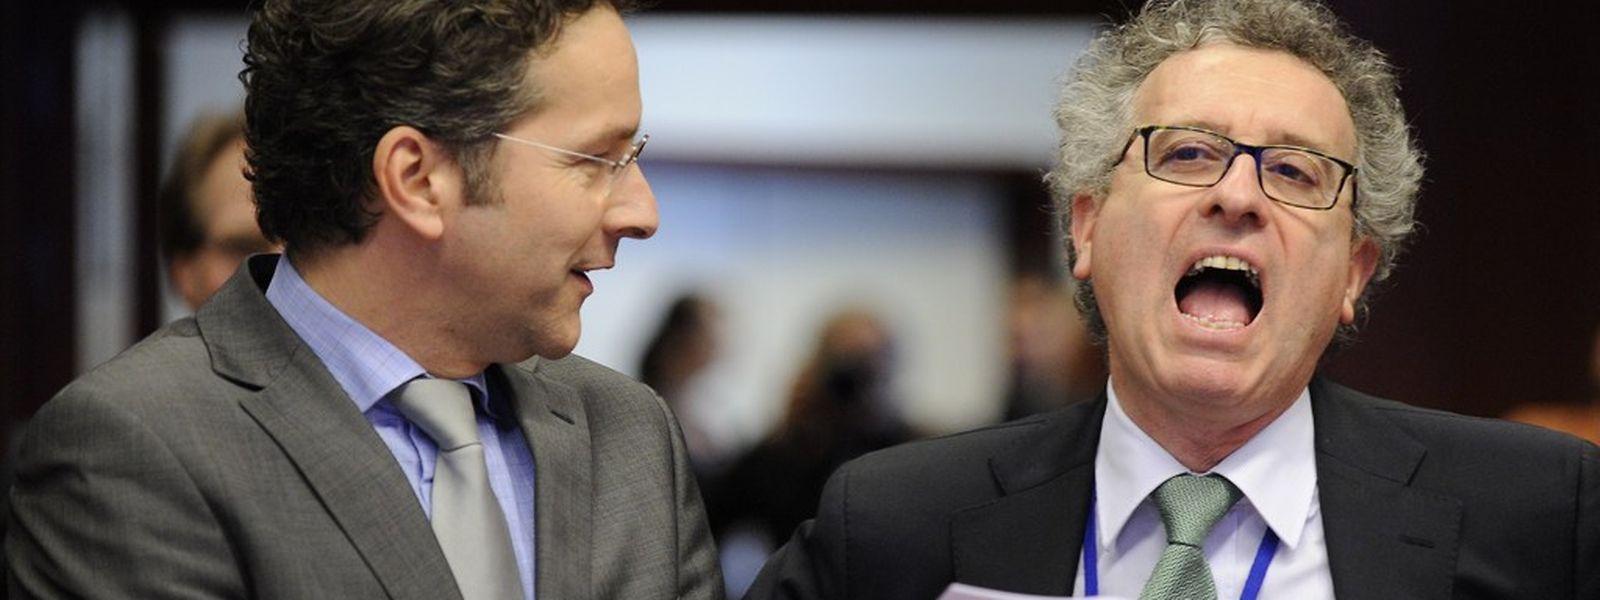 In einem Boot was umstrittene Steuerpraktiken von Unternehmen in der EU angeht: Finanzminister Pierre Gramegna (r.) und sein niederländischer Amtskollege Jeroen Dijsselbloem.